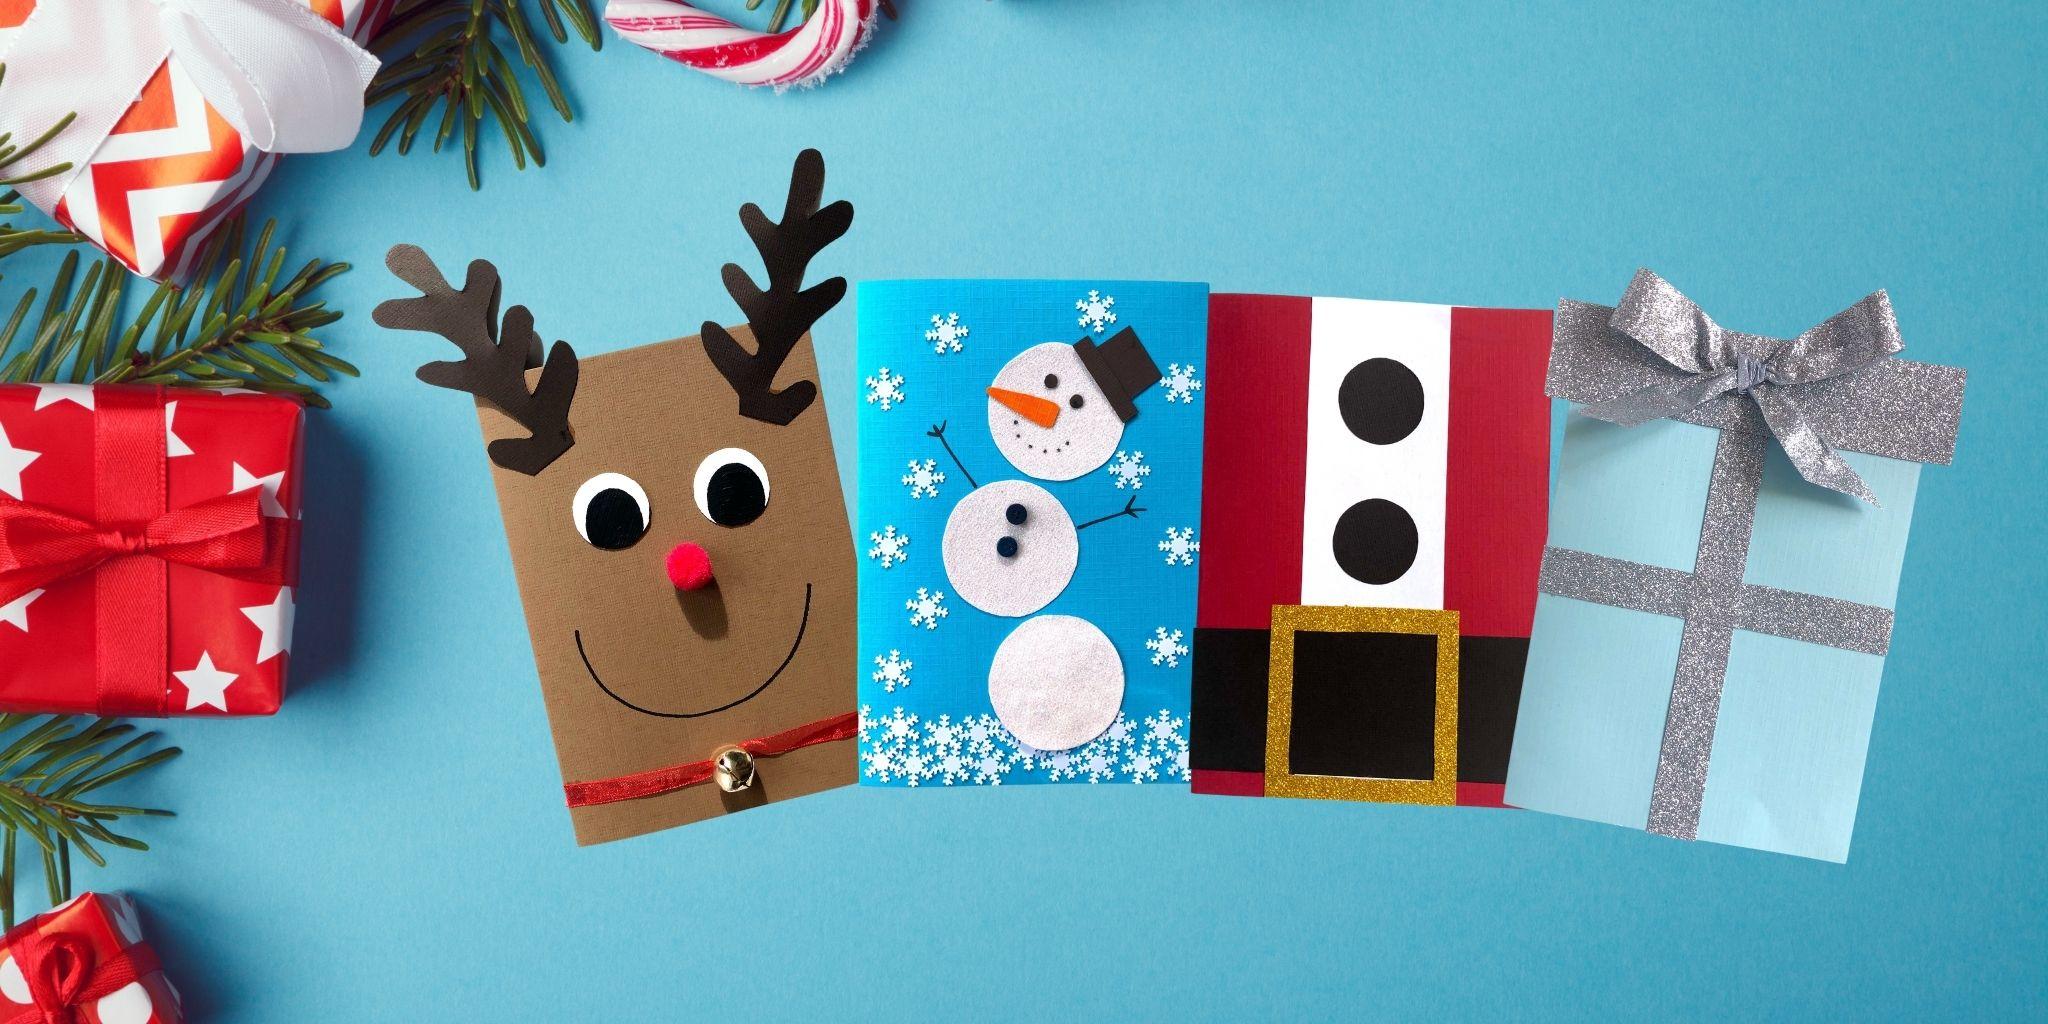 Aufregende Weihnachtsaktivitäten für Kinder